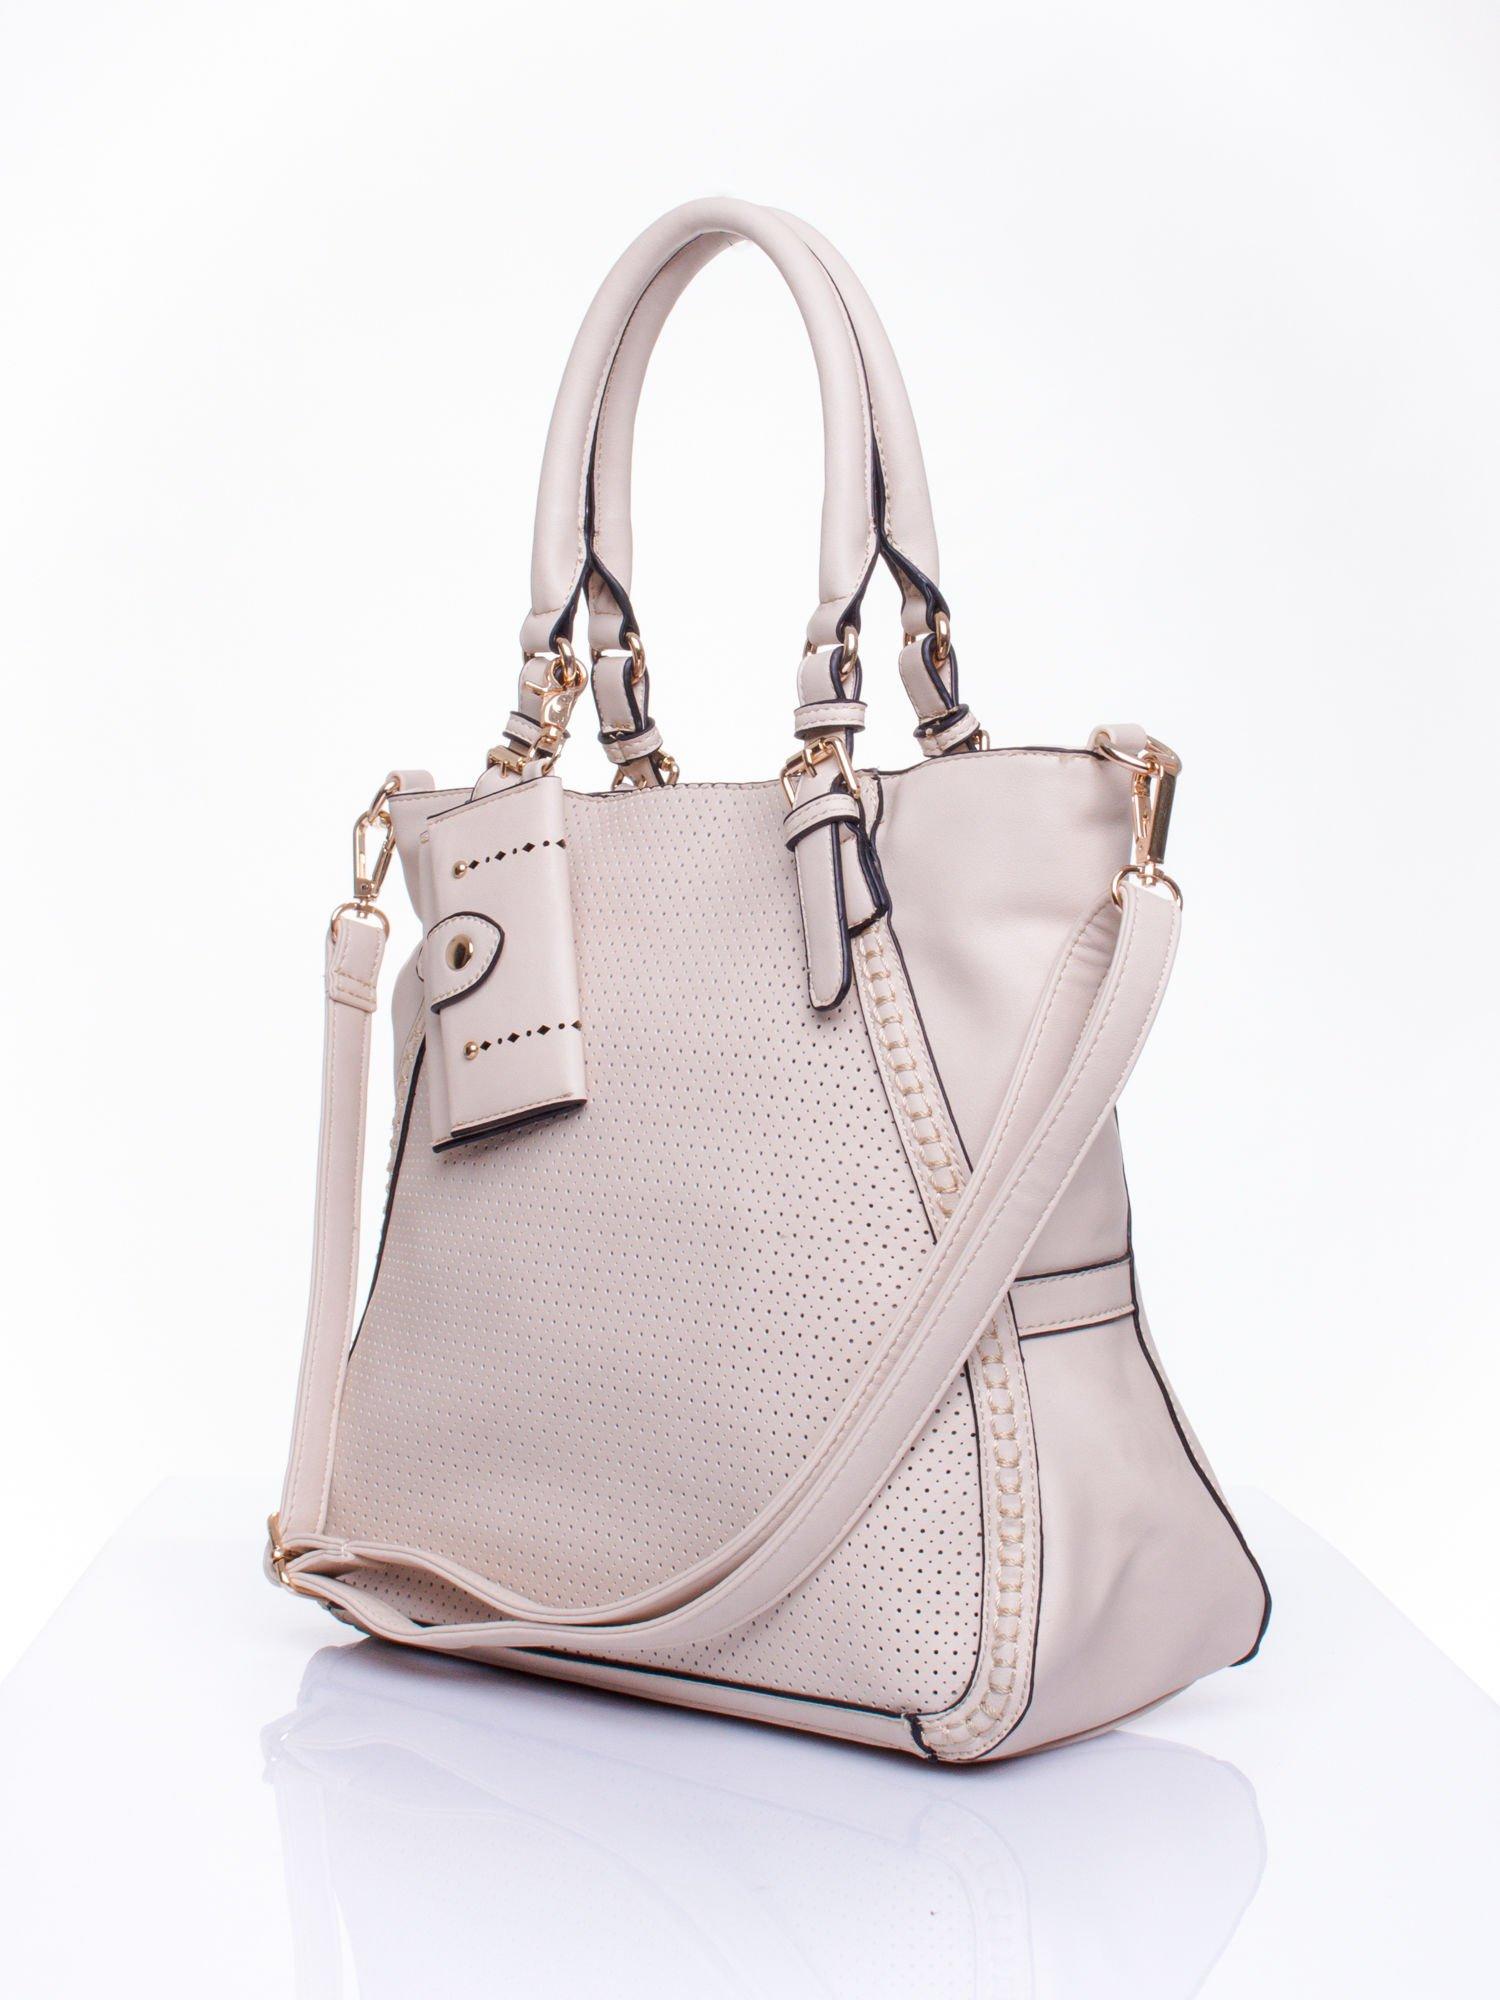 Jasnobeżowa dziurkowana torba shopper z portfelem                                  zdj.                                  3